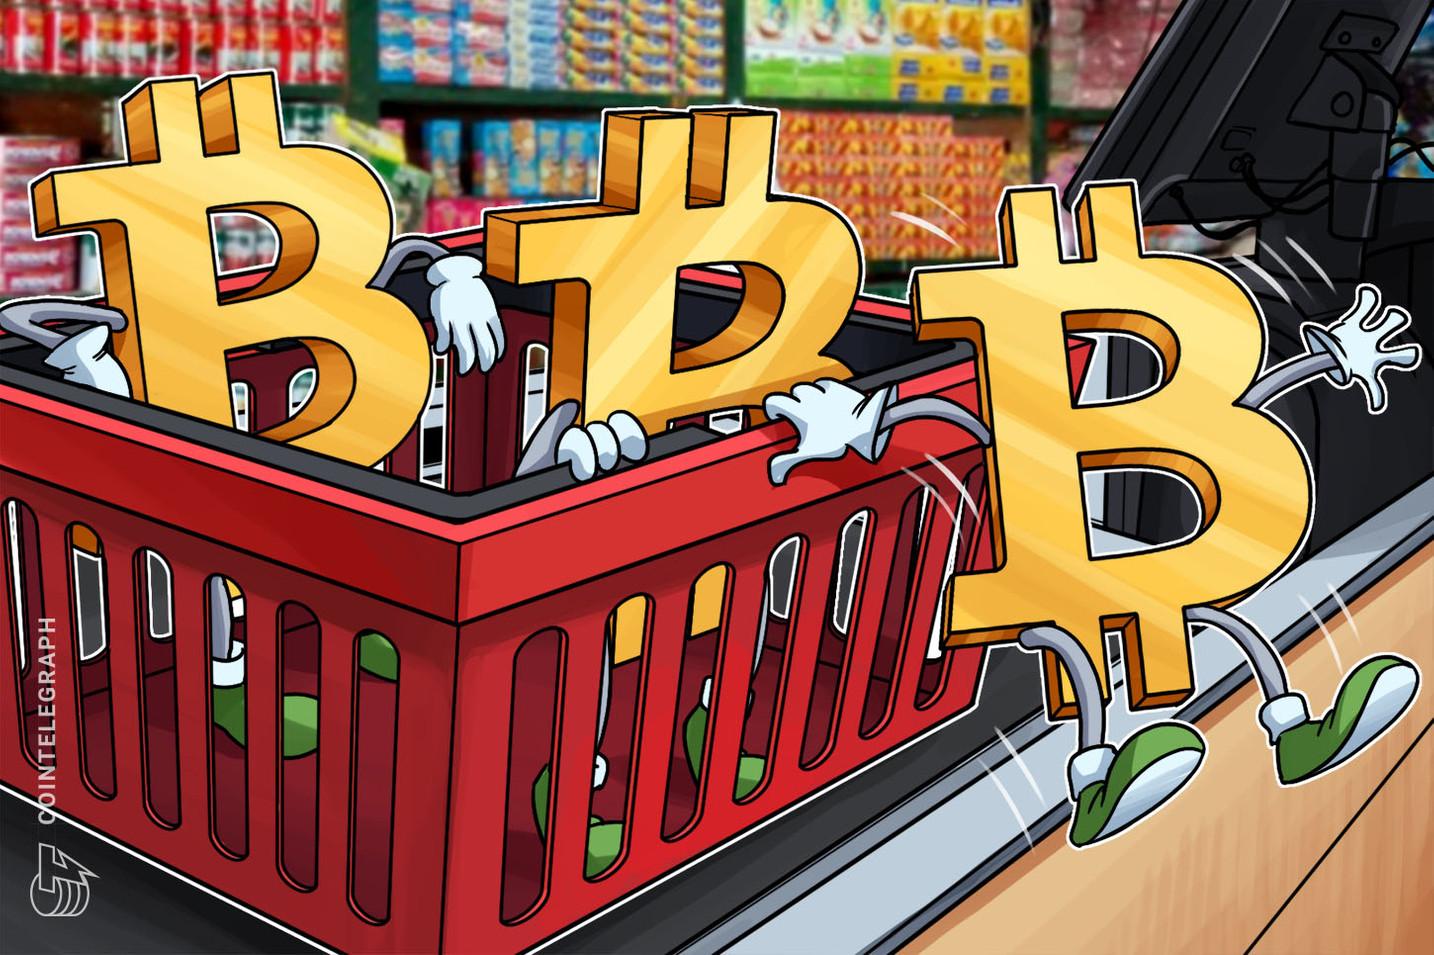 Francia: l'organo di regolamentazione non approva il piano di vendere Bitcoin nelle tabaccherie